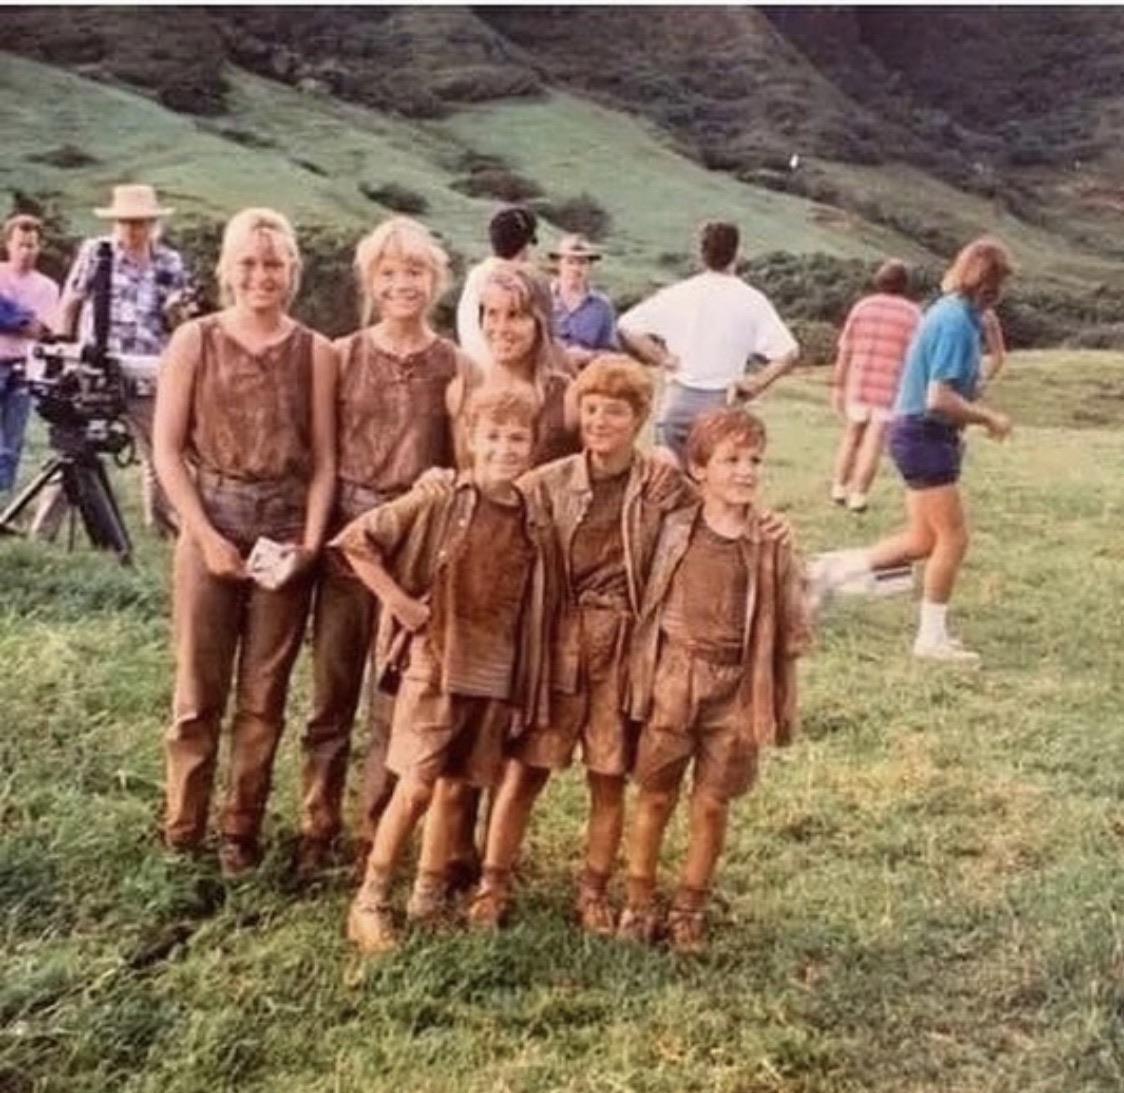 ¿Sabías que durante el rodaje de Jurassic Park, Spielberg tenía niños de repuesto por si algún dinosaurio se comía a uno y así no tener que retrasar el rodaje?